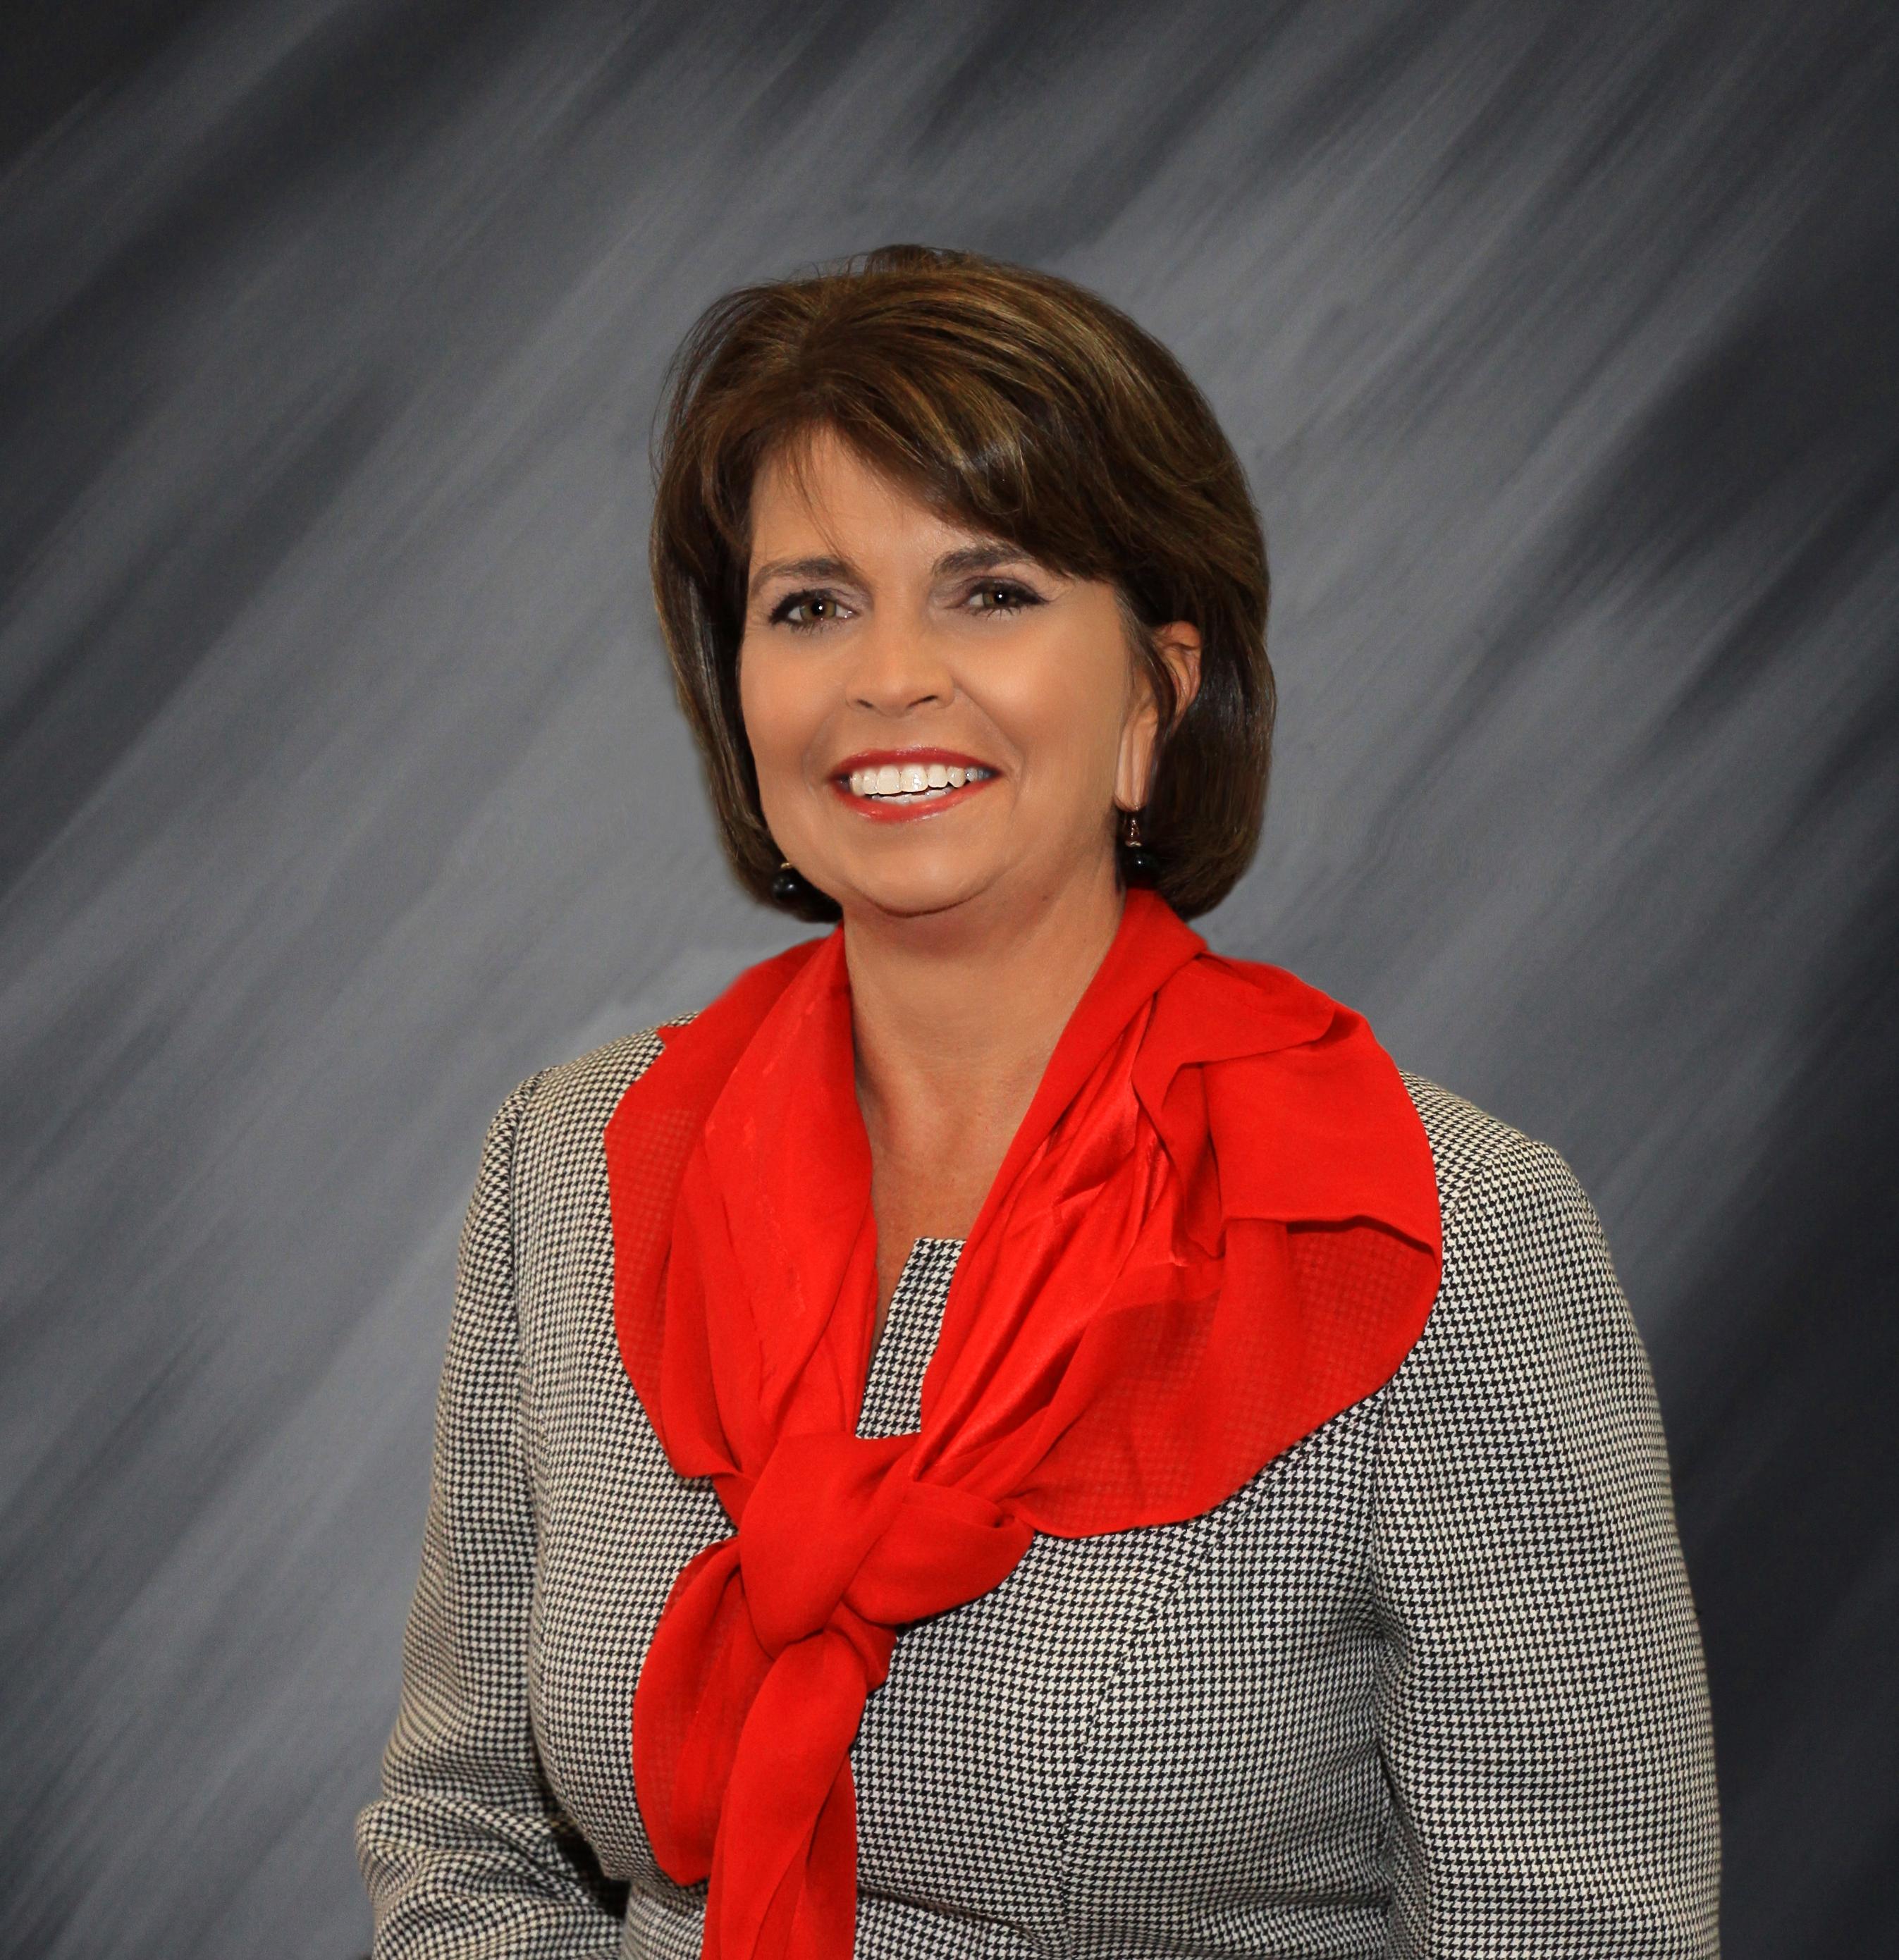 Linda K. Finney